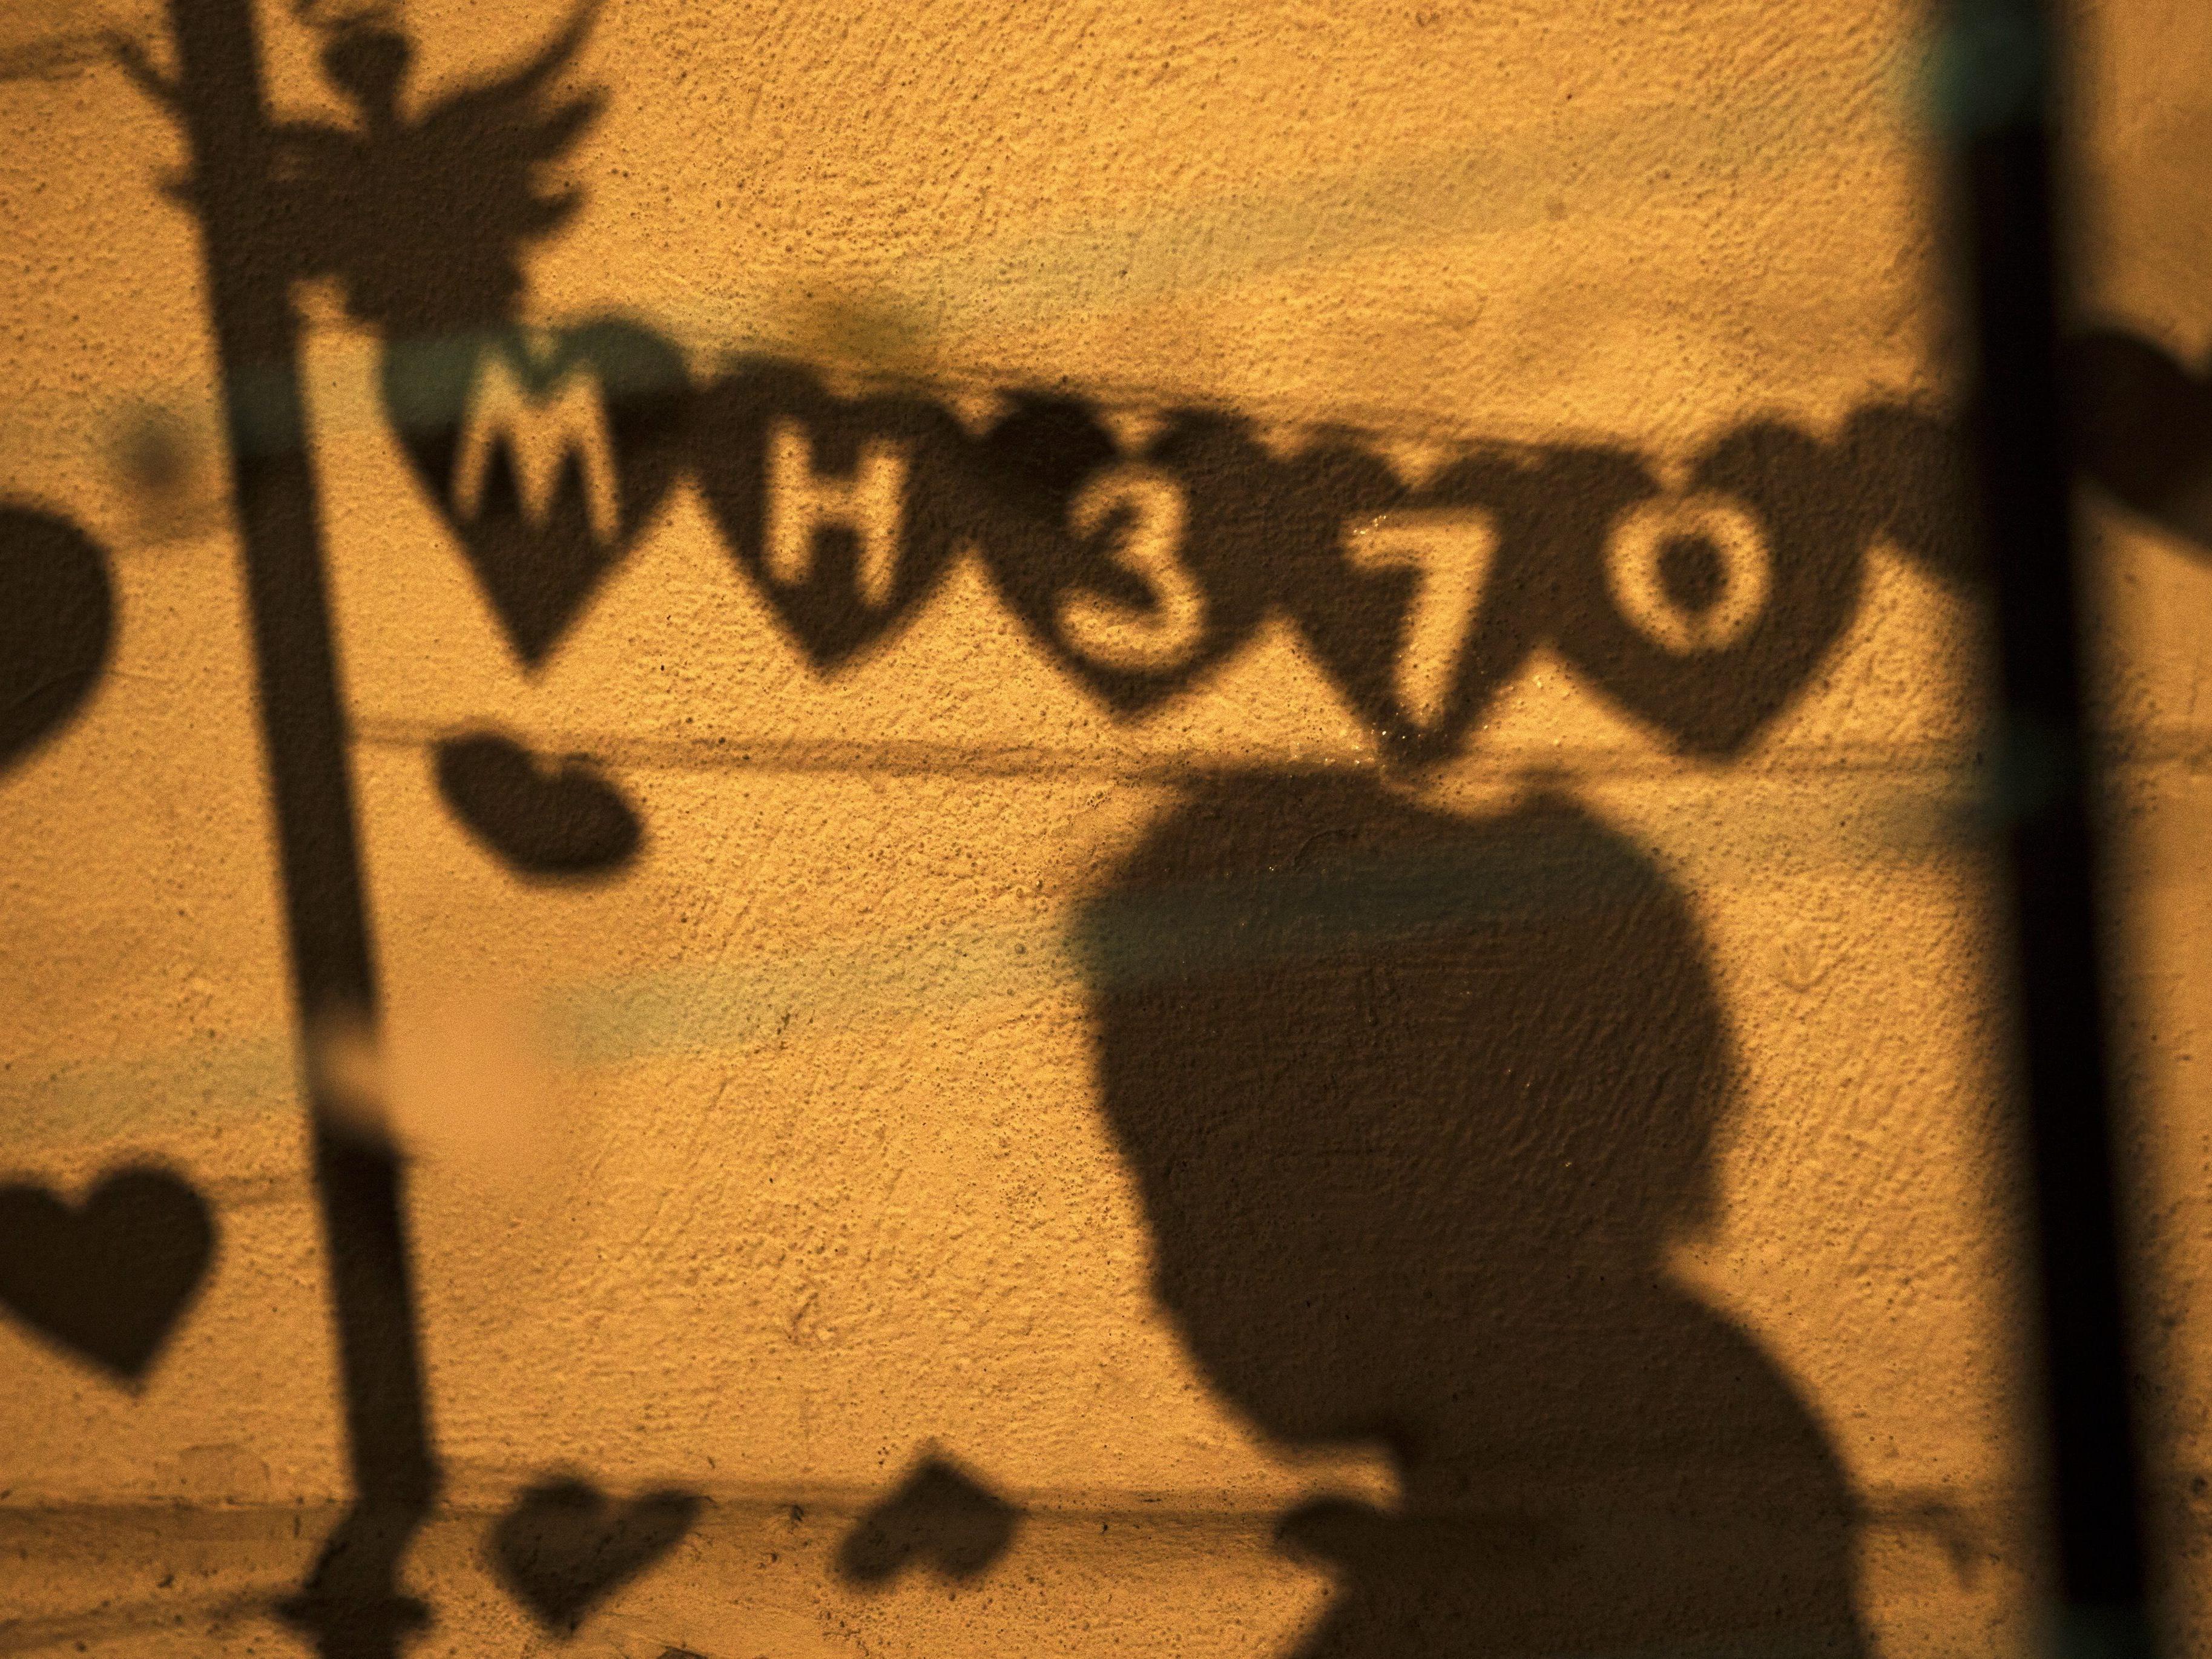 Die Kinder eines MH370-Opfers haben nun Klage eingereicht.